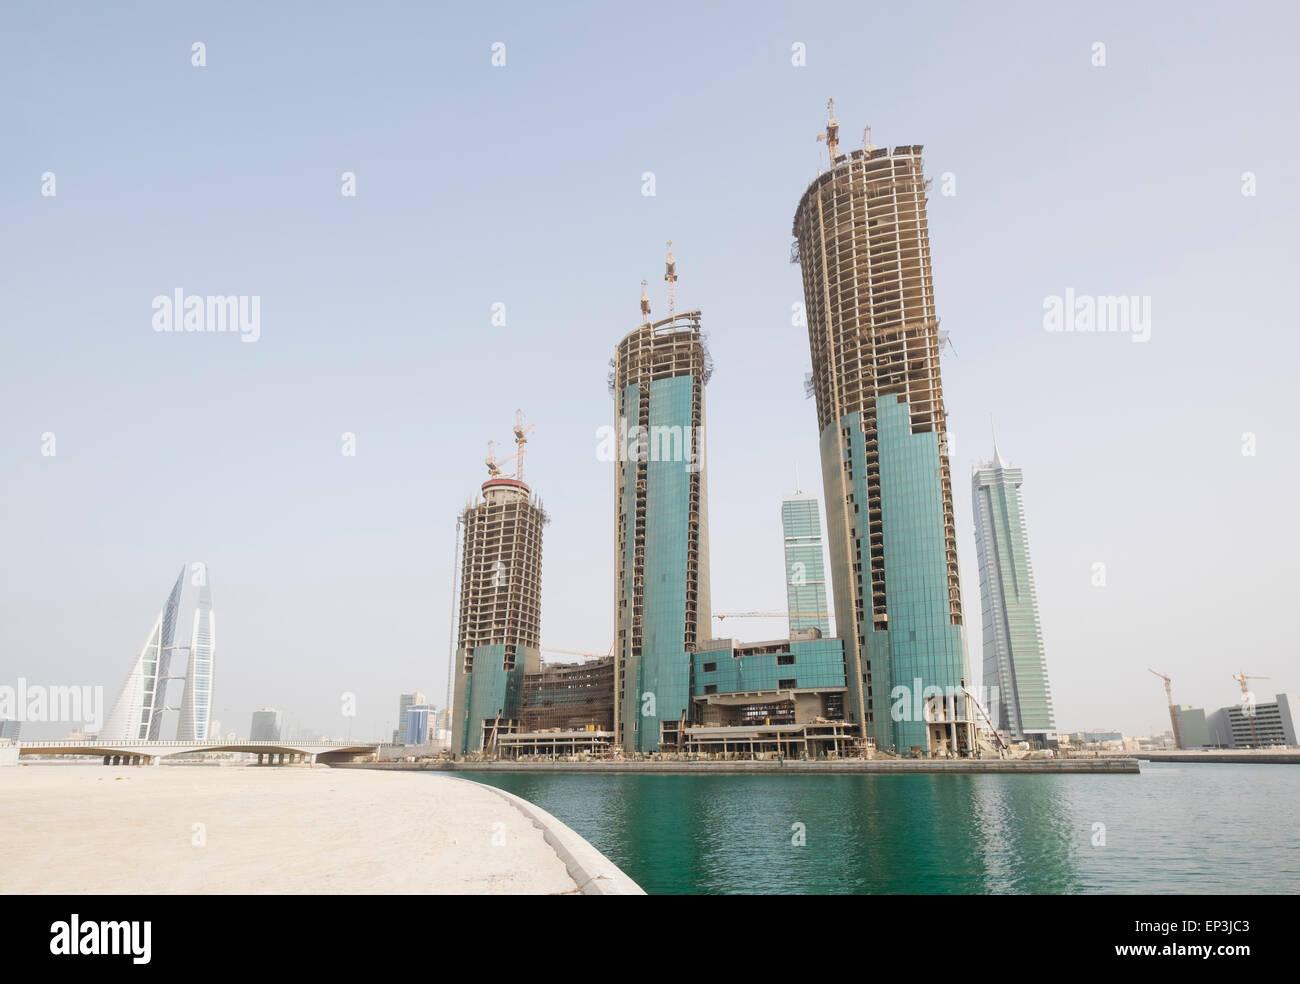 Blick auf neue Bürotürme im Bau in Bahrain Financial Harbour Bezirk in Manama, Bahrain Stockbild